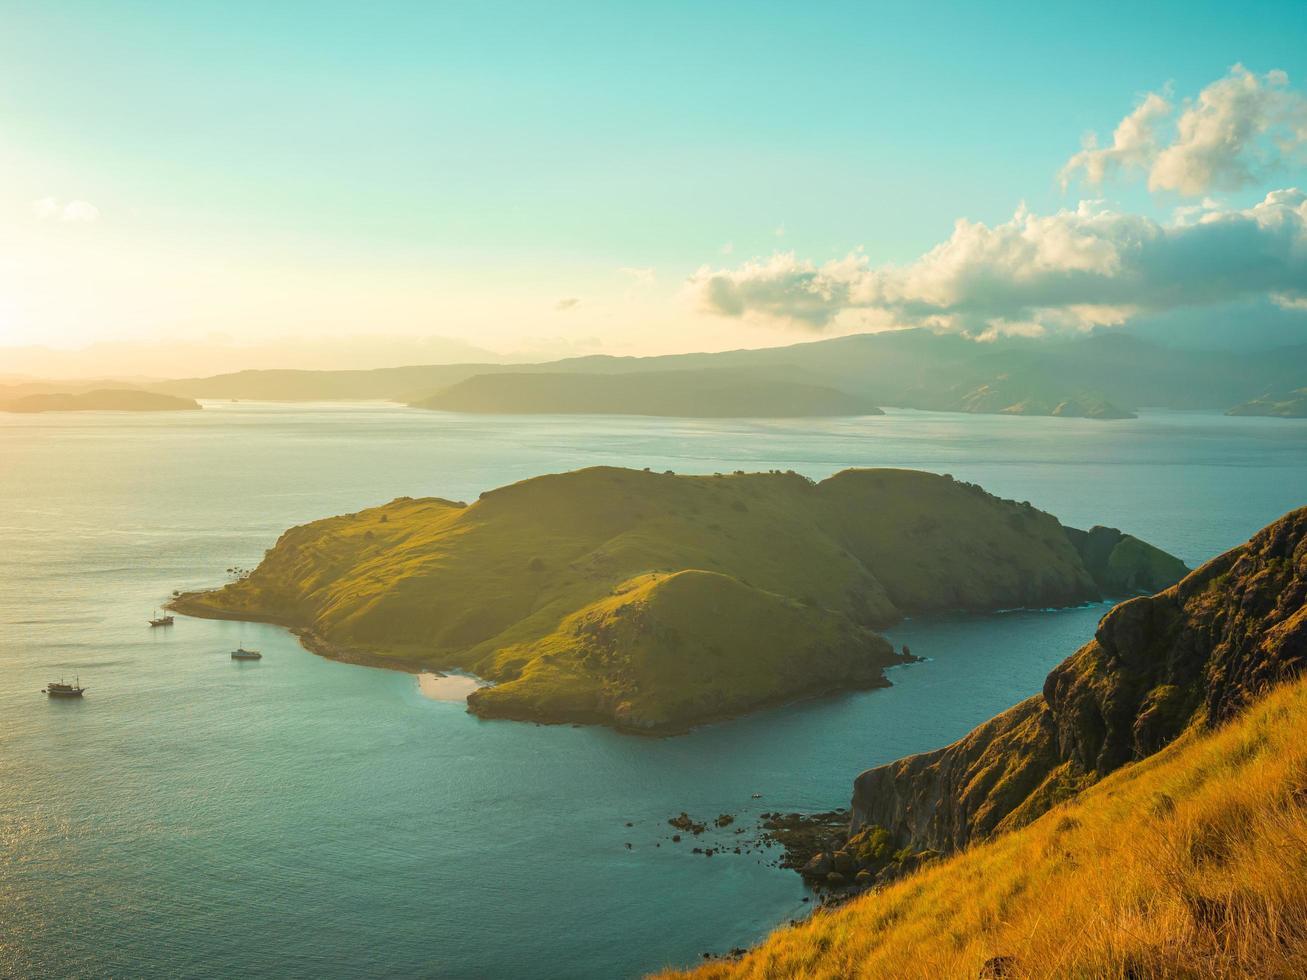 uitzicht op een eiland bij zonsondergang foto